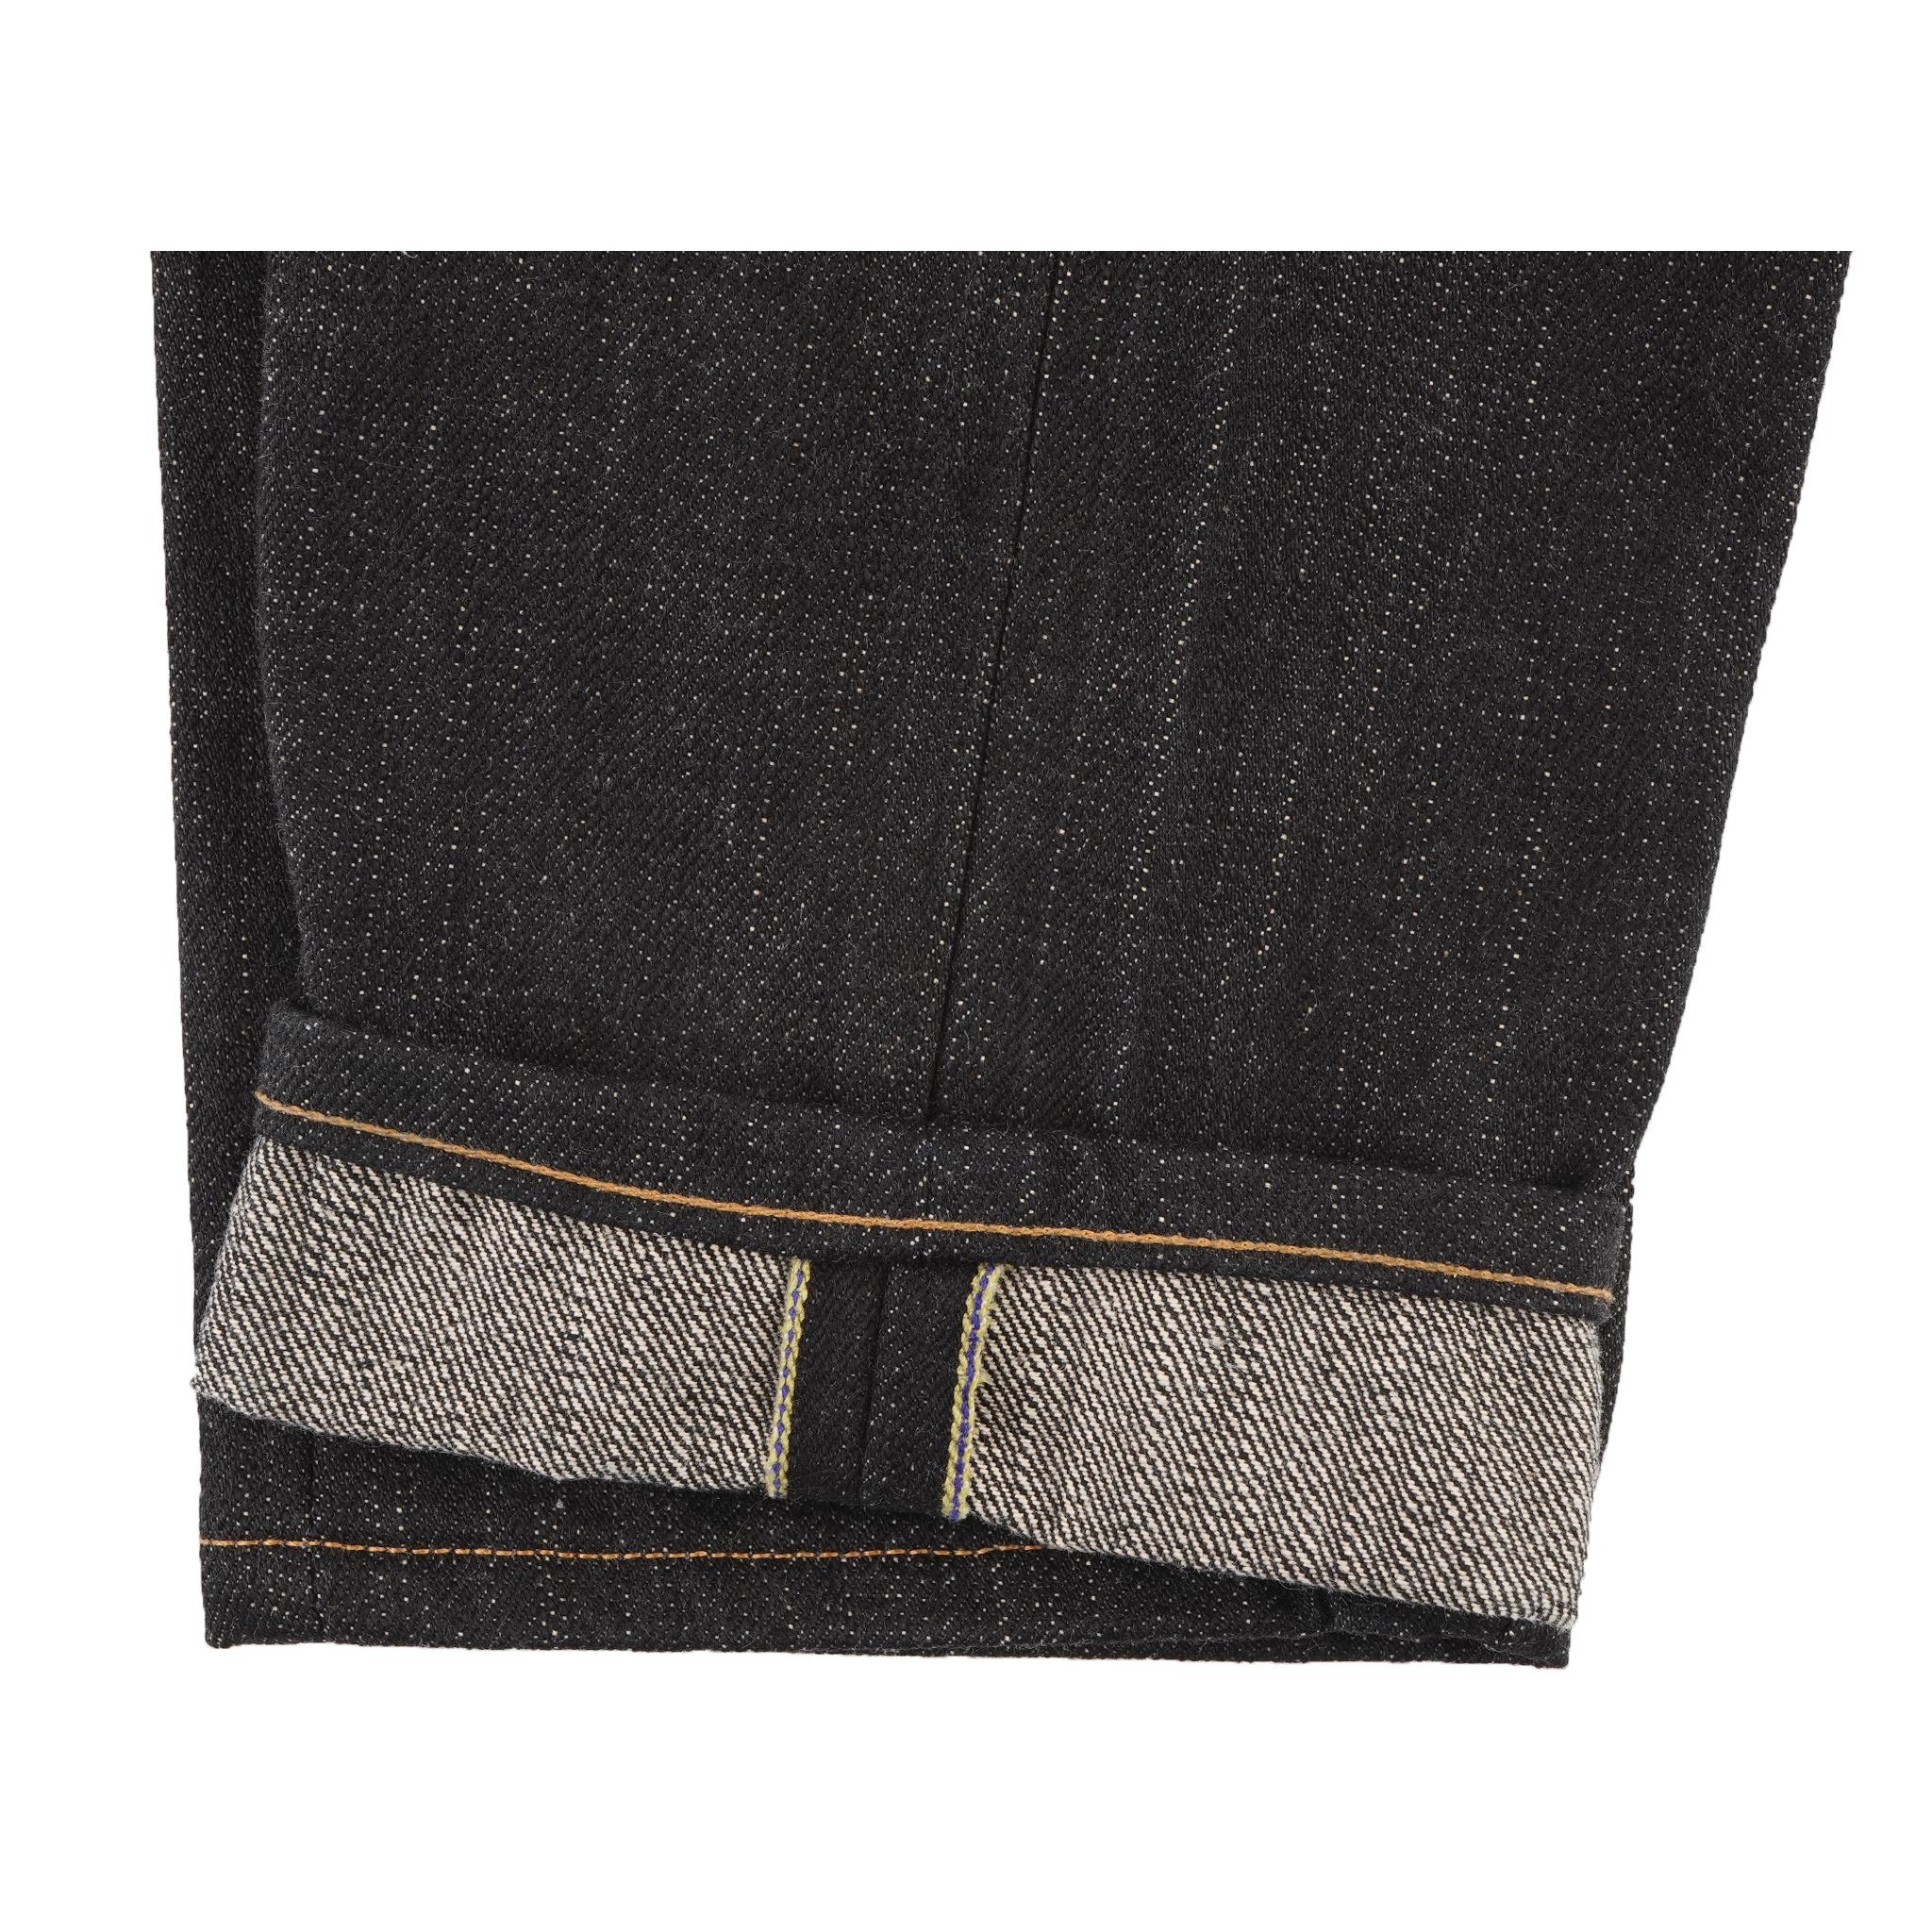 Vegeta Super Saiyan Selvedge Jeans hem